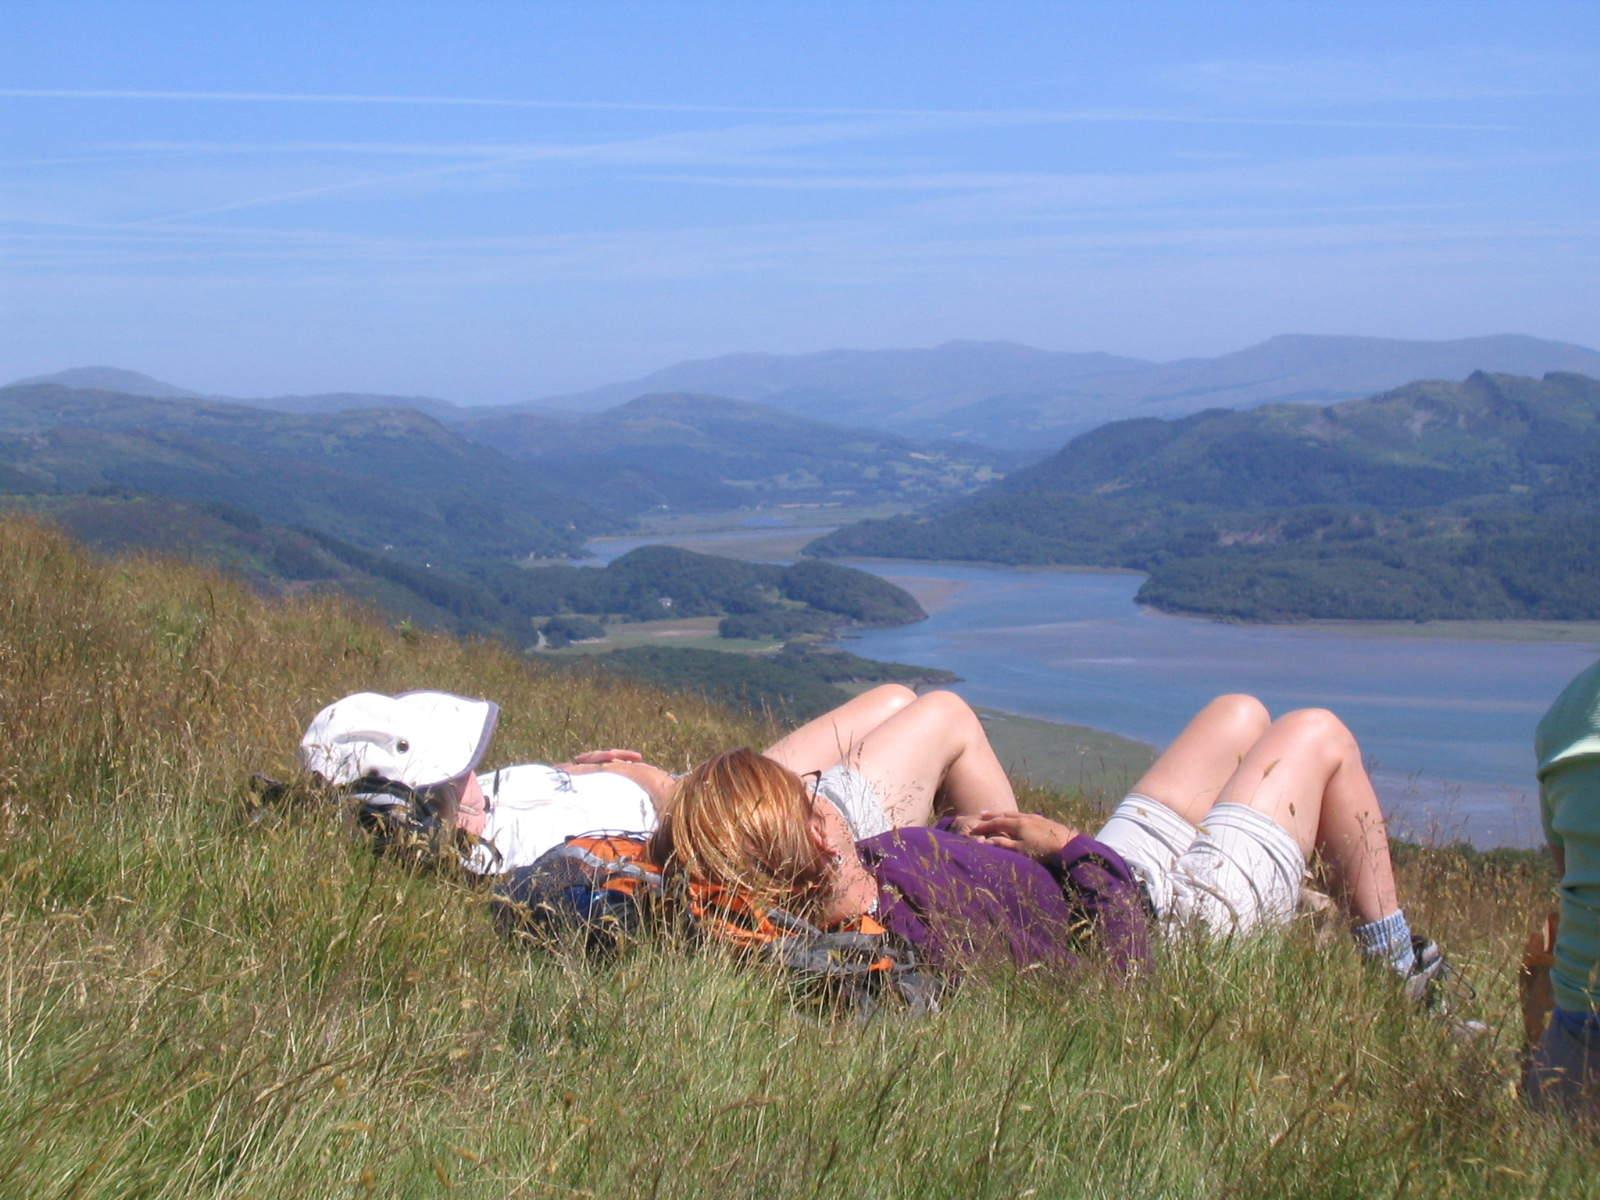 Two women taking a rest by estuary wales July